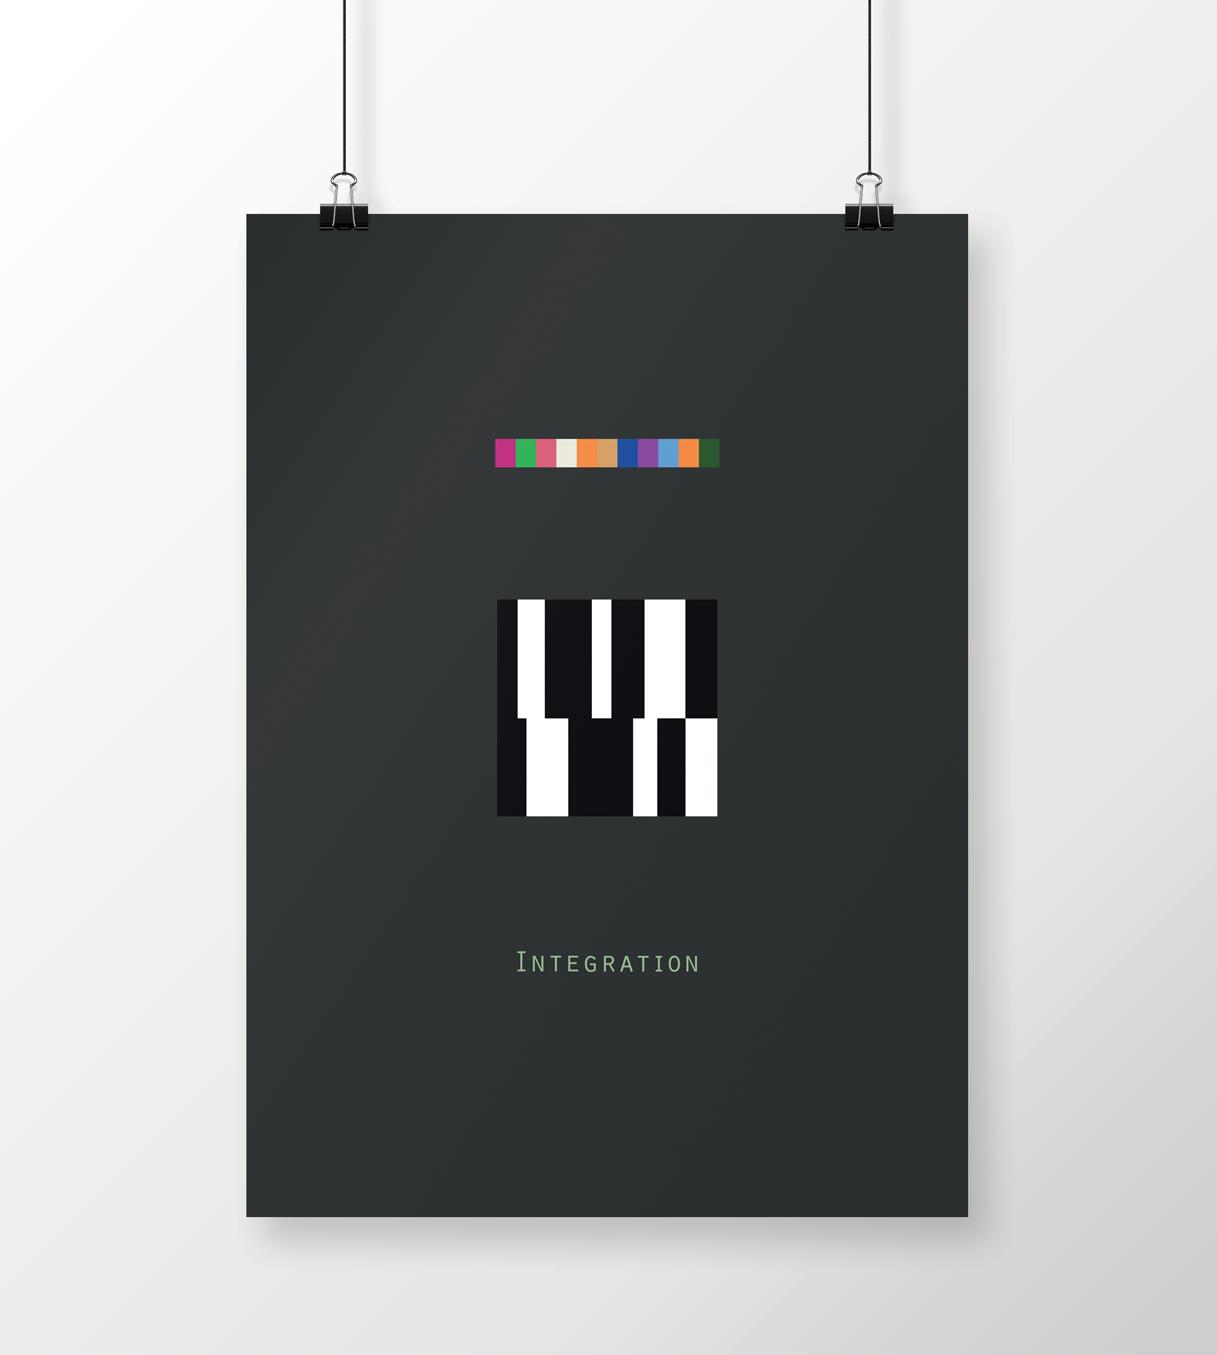 Integration-web-poster[mock-up].png